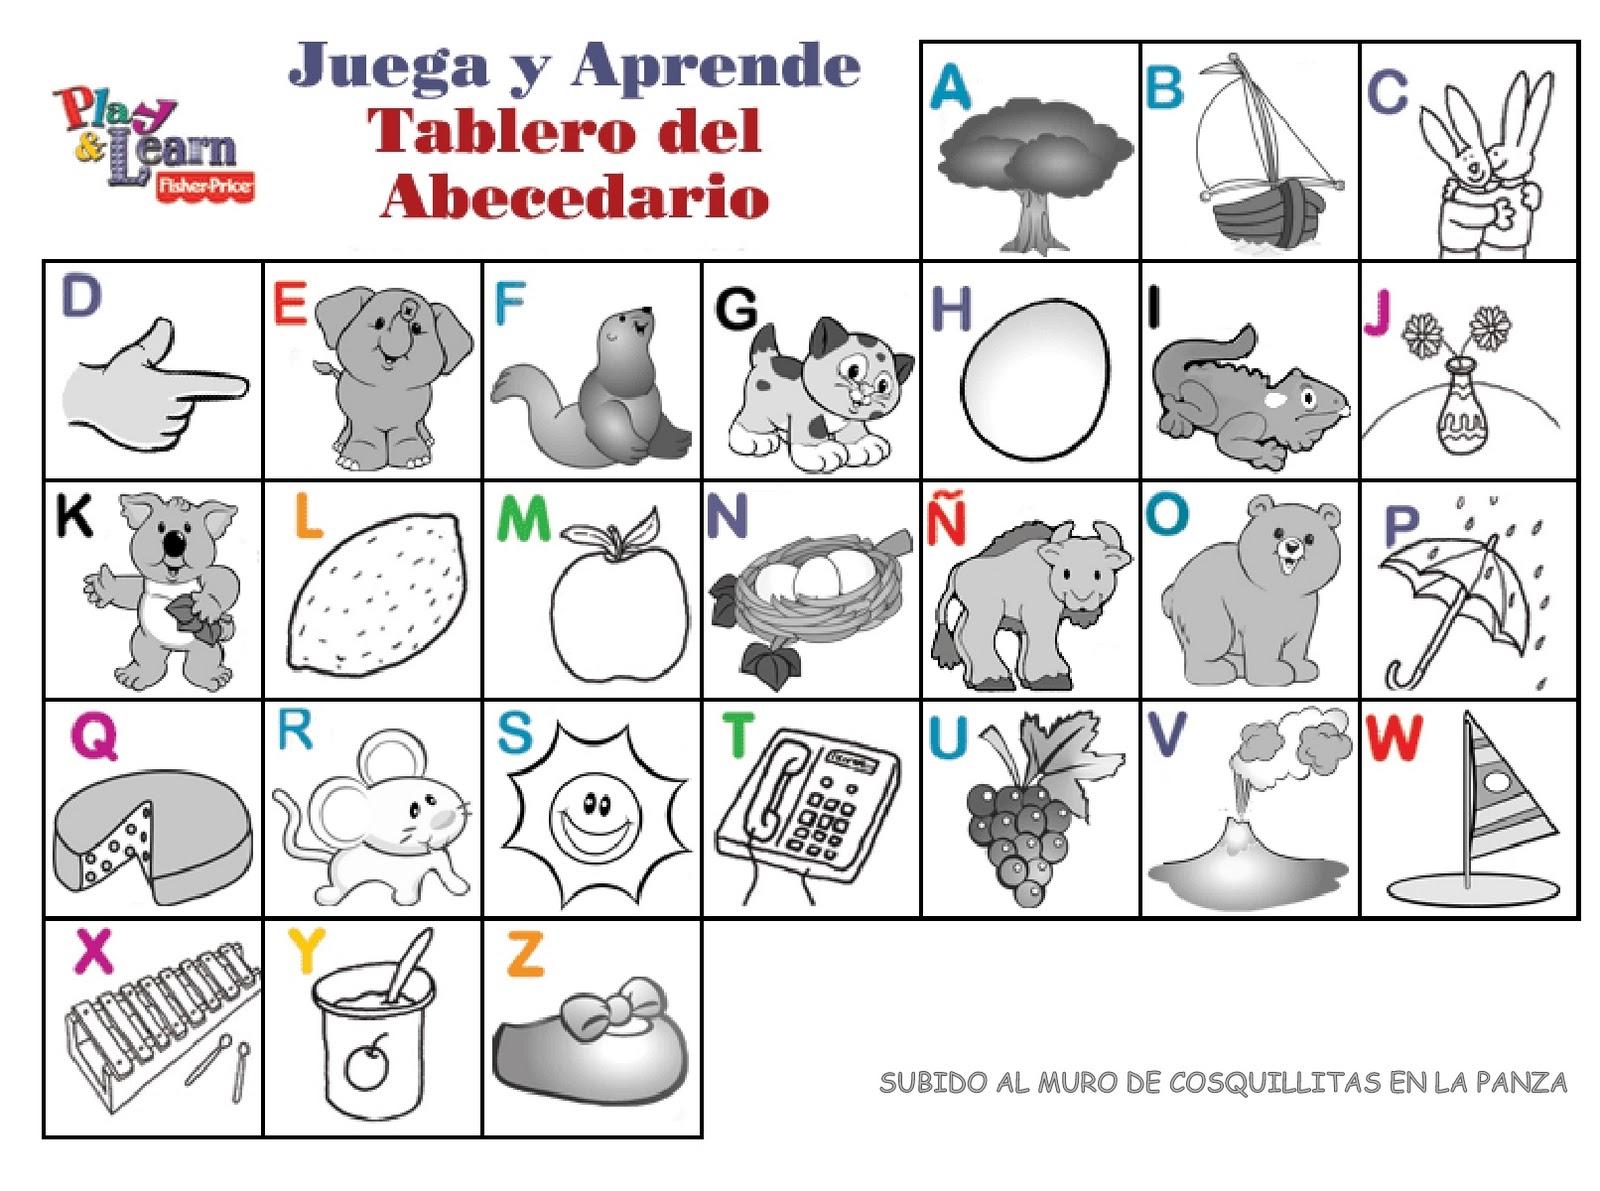 PELICULAS INFANTILES PARA DESCARGAR GRATIS EN ESPANOL